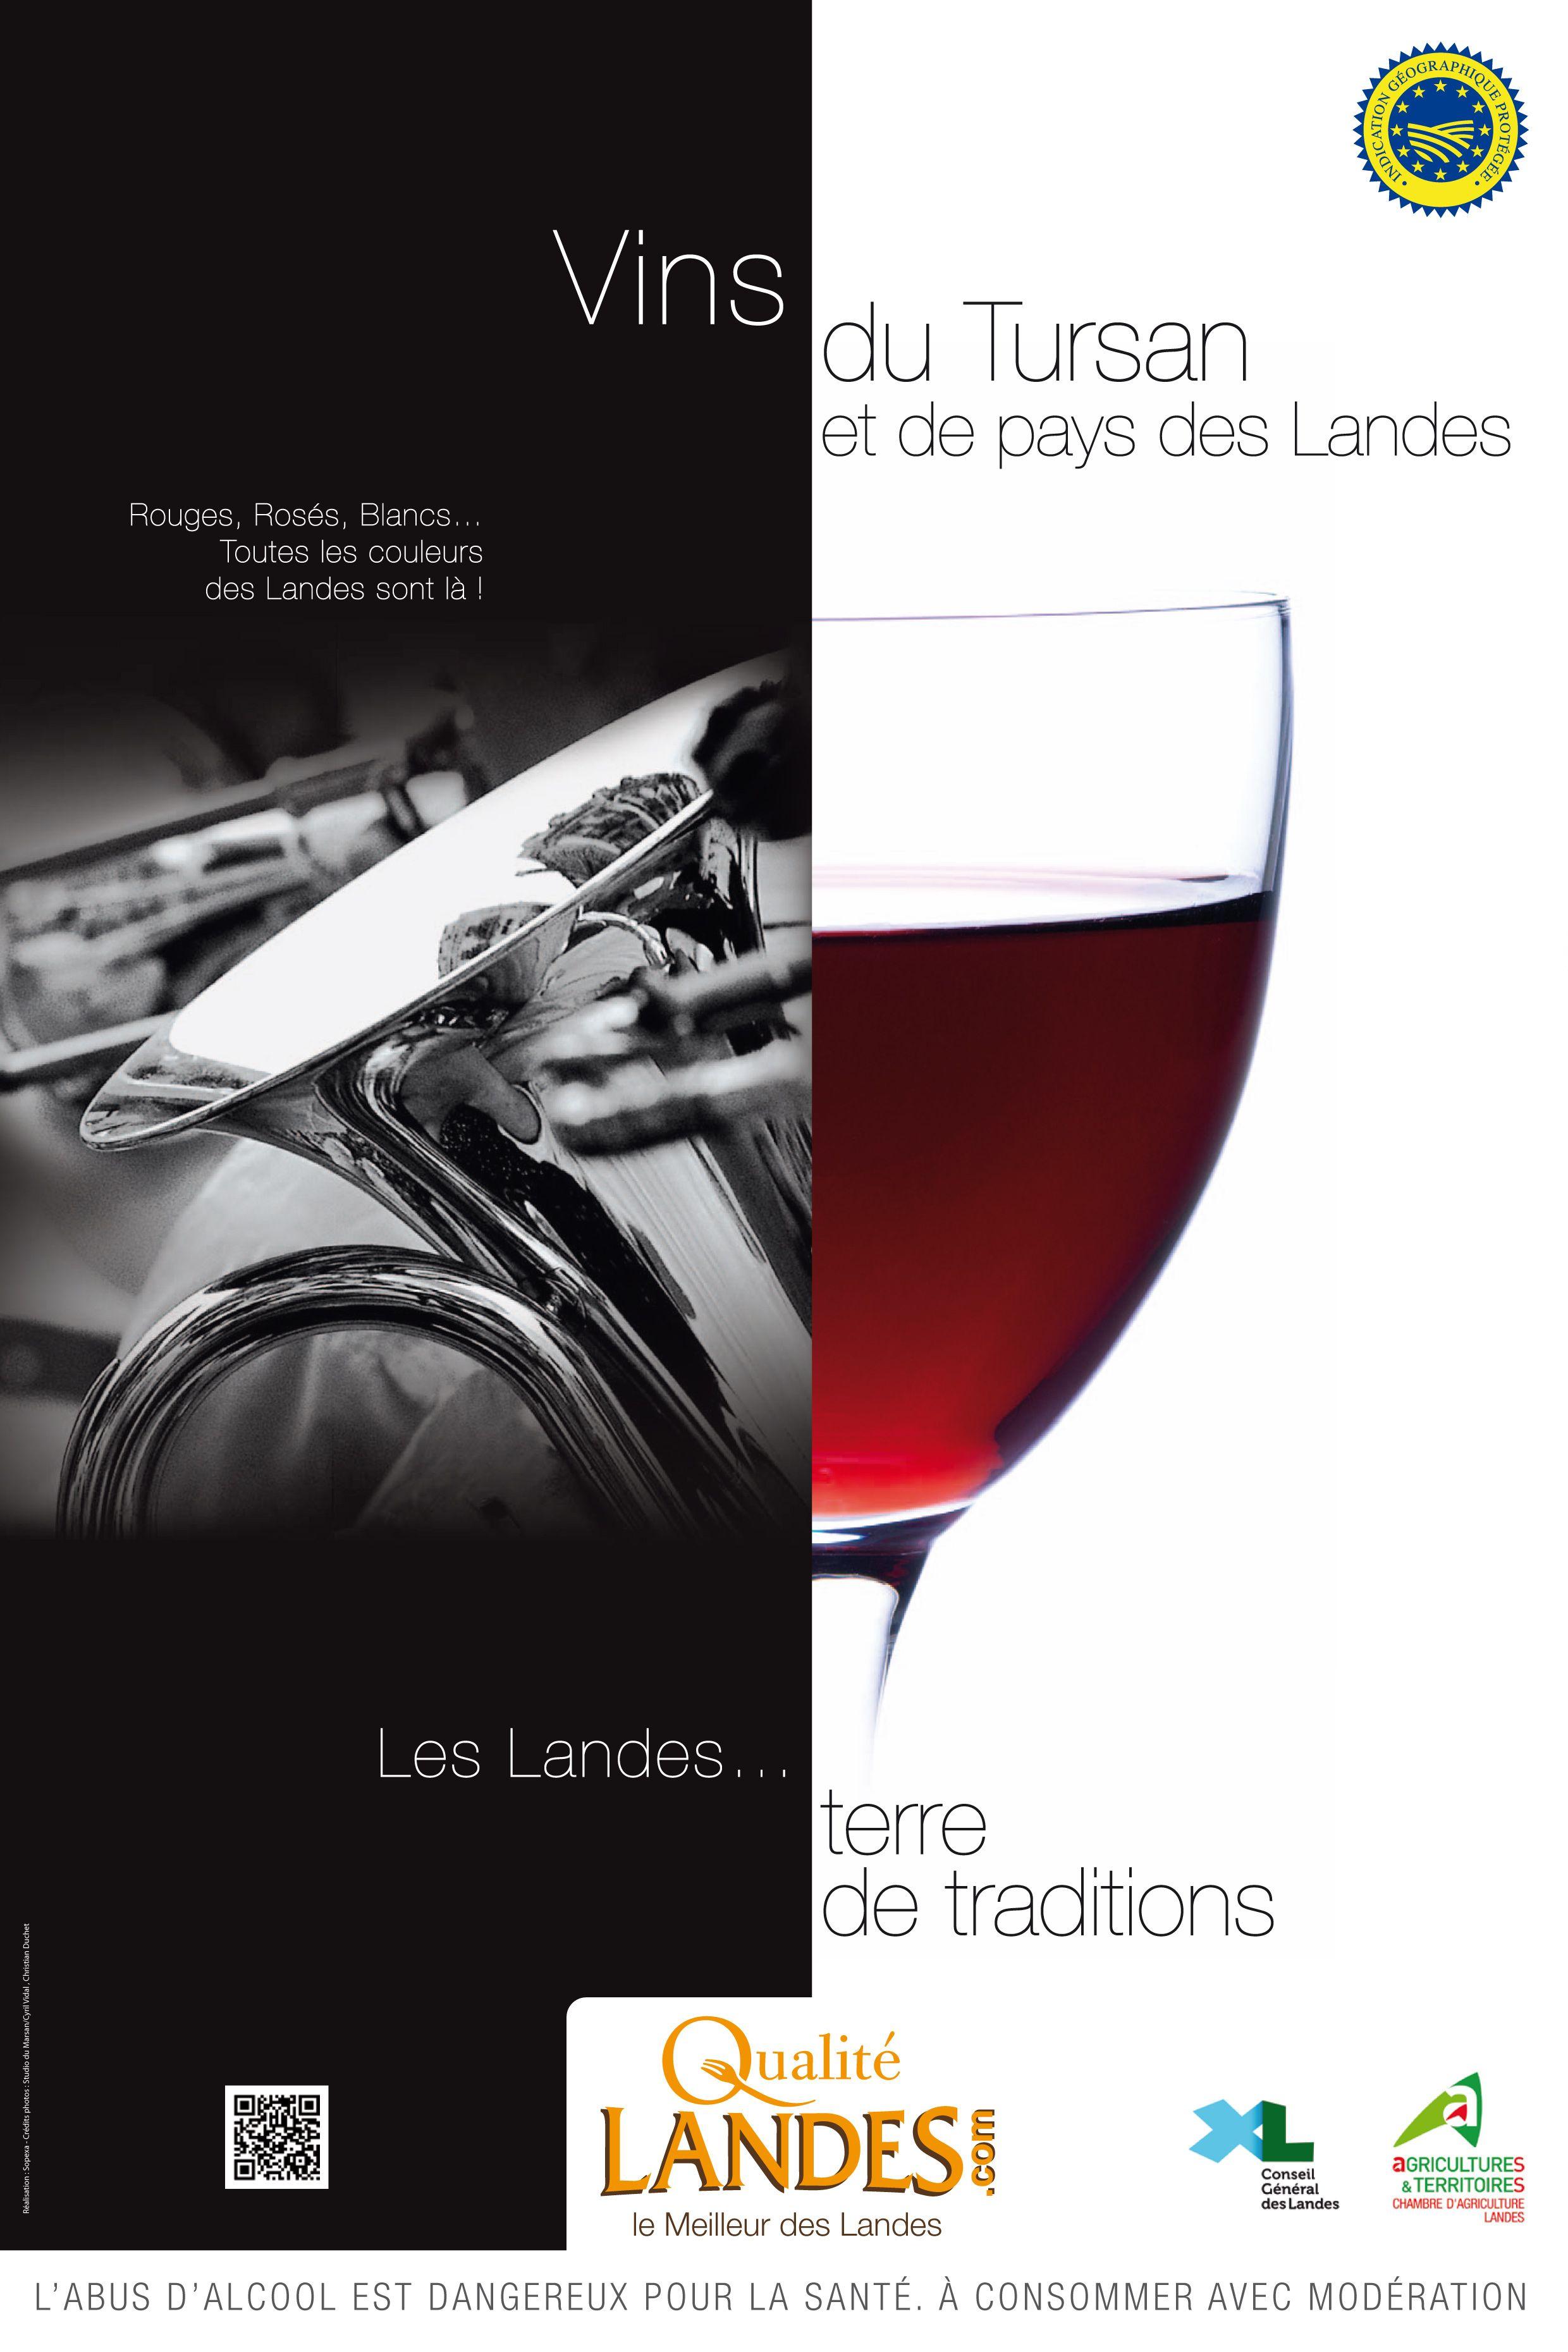 Qualite Landes Site Officiel De L Association Qualite Landes Landes Vins Abus D Alcool